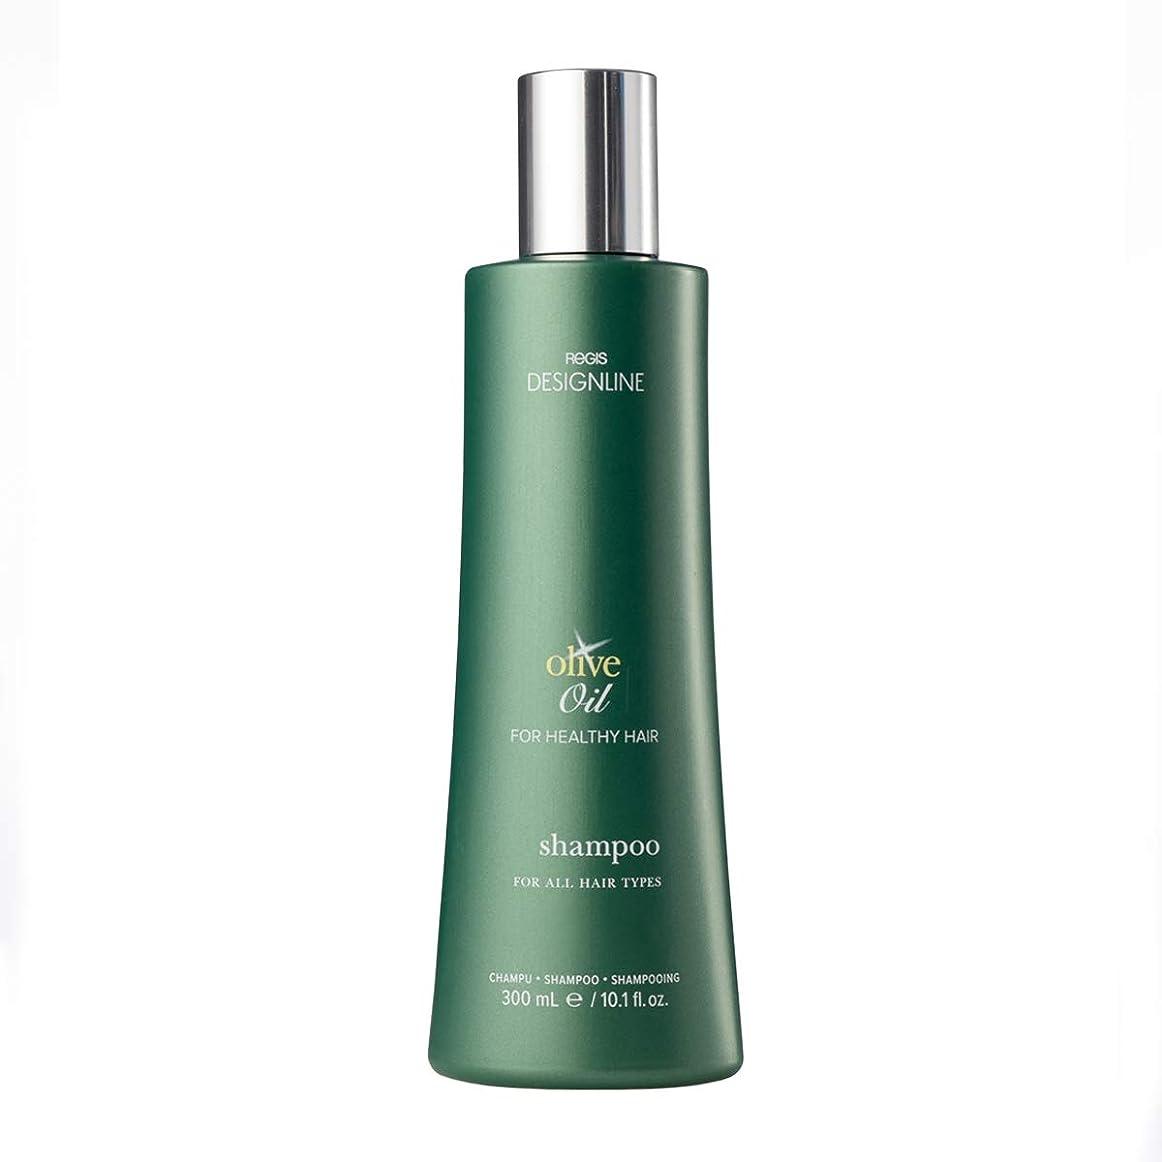 信頼性振り子失敗DESIGNLINE オリーブ オイル シャンプー - Regis -オリーブオイルと豊富なビタミンEとKで強化された環境からの髪の保護に役立つ 10.1 オンス